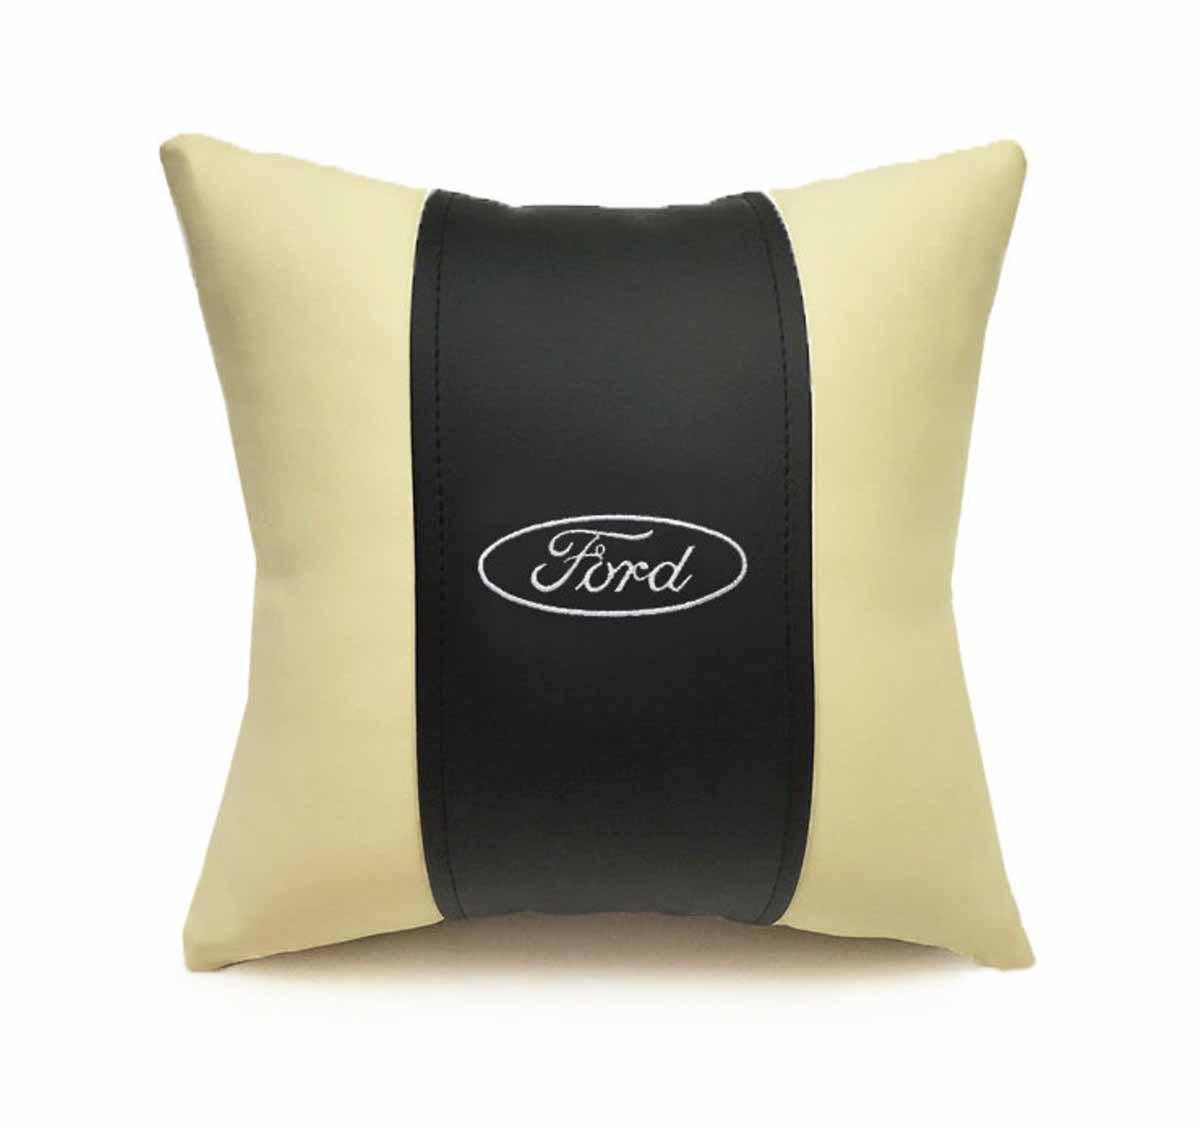 Подушка декоративная Auto premium Ford, цвет: черный, бежевыйВетерок 2ГФПодушка в машину с вышивкой автологотипа Auto Premium Ford - отличное дополнение для салона вашего авто. Мягкая подушка, изготовленная из матовой экокожи, будет удобна пассажиру. Она долго не перестанет радовать вас своим видом. Оптимальный размер подушки (30 х 30 см) не загромождает салон автомобиля.